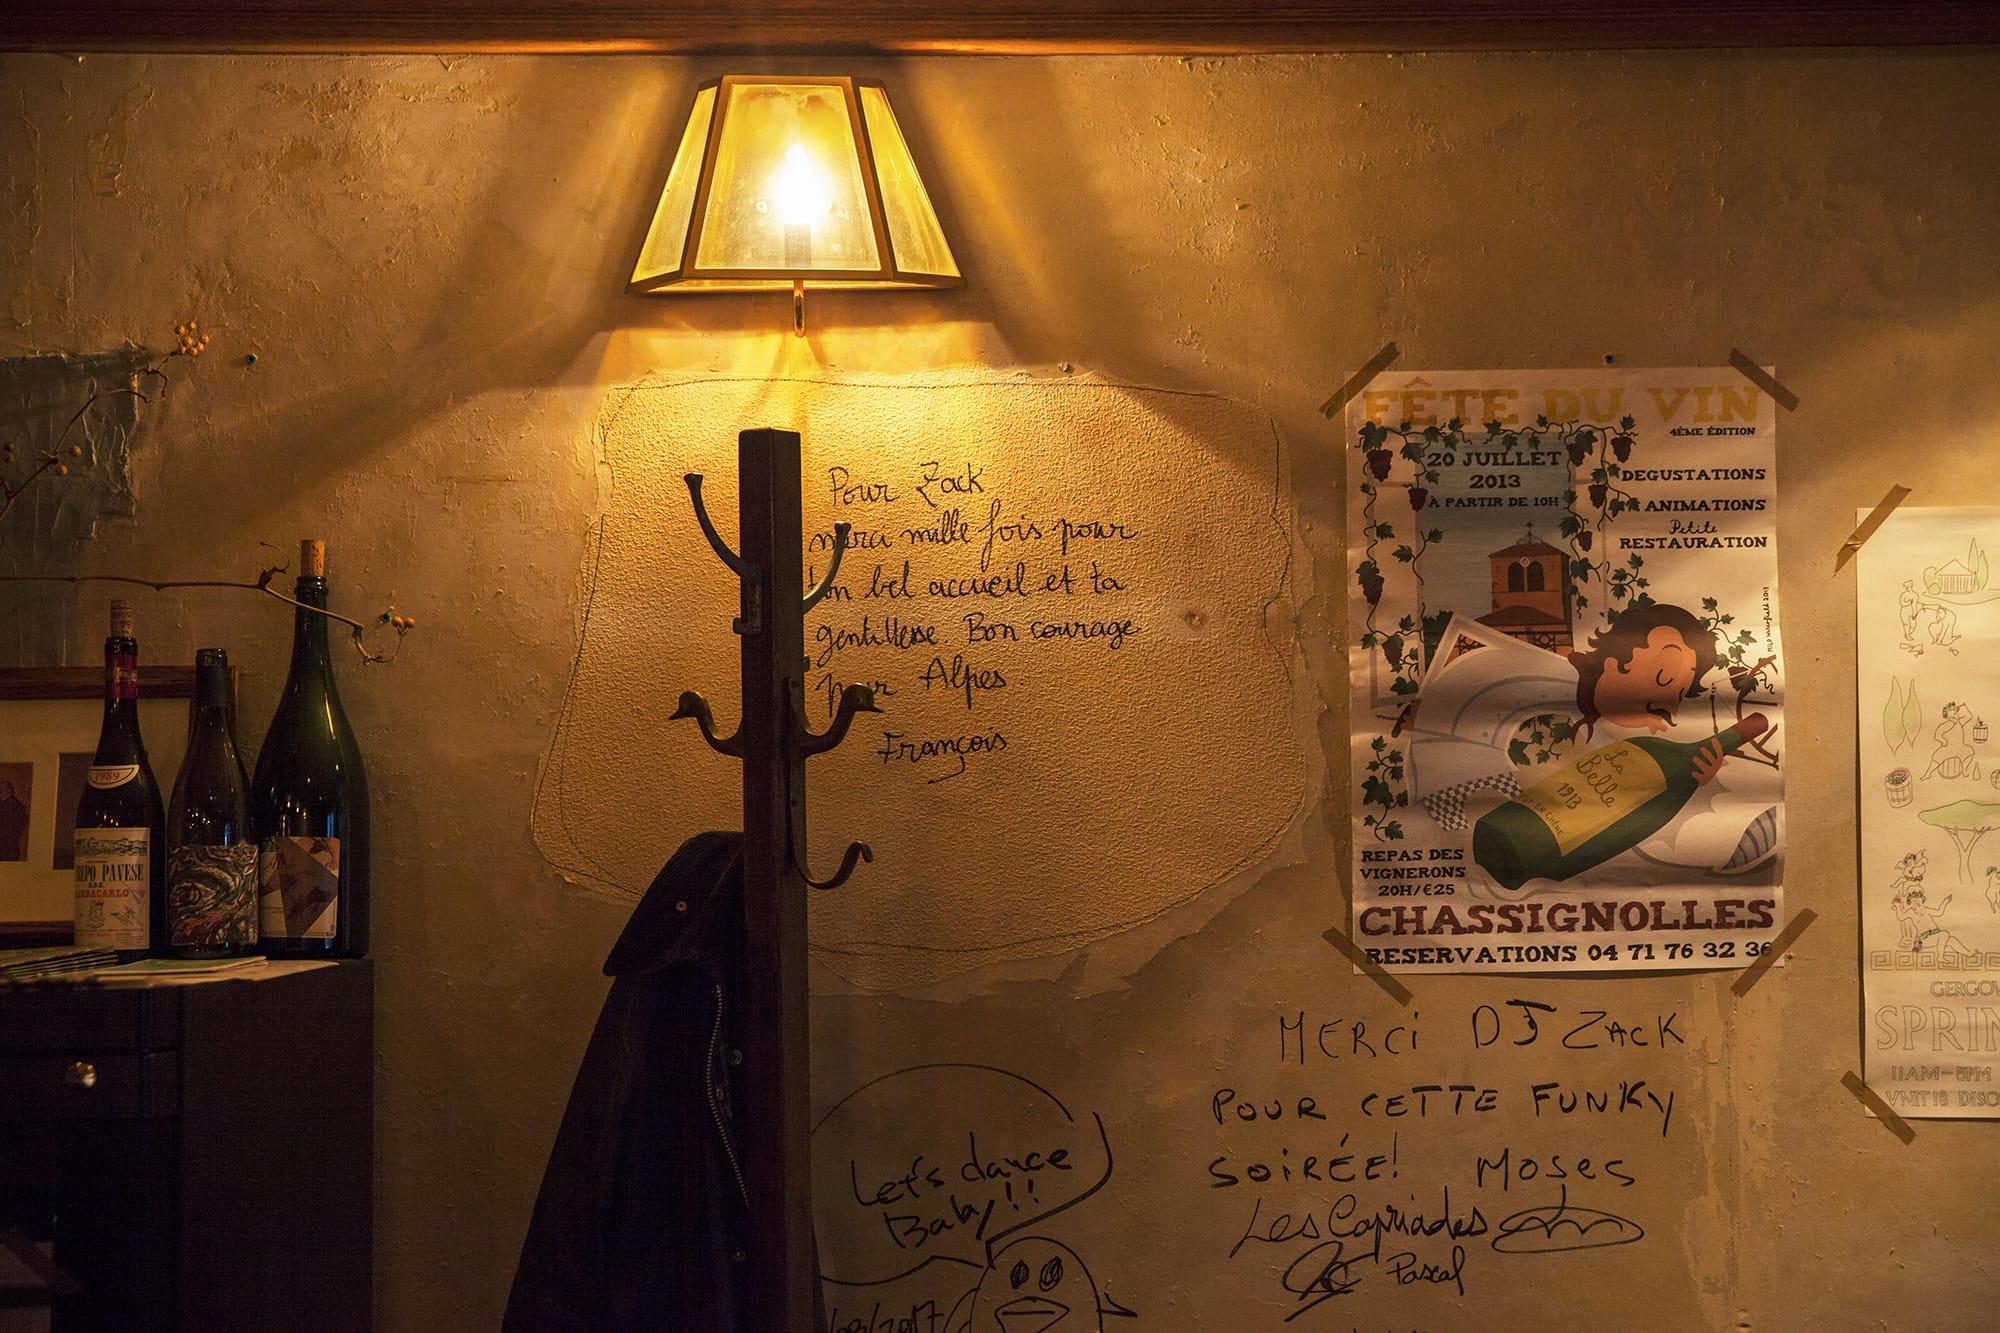 内装は池崎さんの地元の友人にも手伝ってもらい、ほぼDIYで改装。レトロな深紅の木枠をアンティーク調のダークブラウンに塗り替え、カウンターは立ち飲みできる高さに上げ、仕上げに荒井さんのアイデアで壁紙を剥がした。写真は改装中にフランスから訪ねてきたサヴォワ地方の生産者フランソワ・グリナン氏が壁に書いたサイン。ここだけ壁紙が残されている。